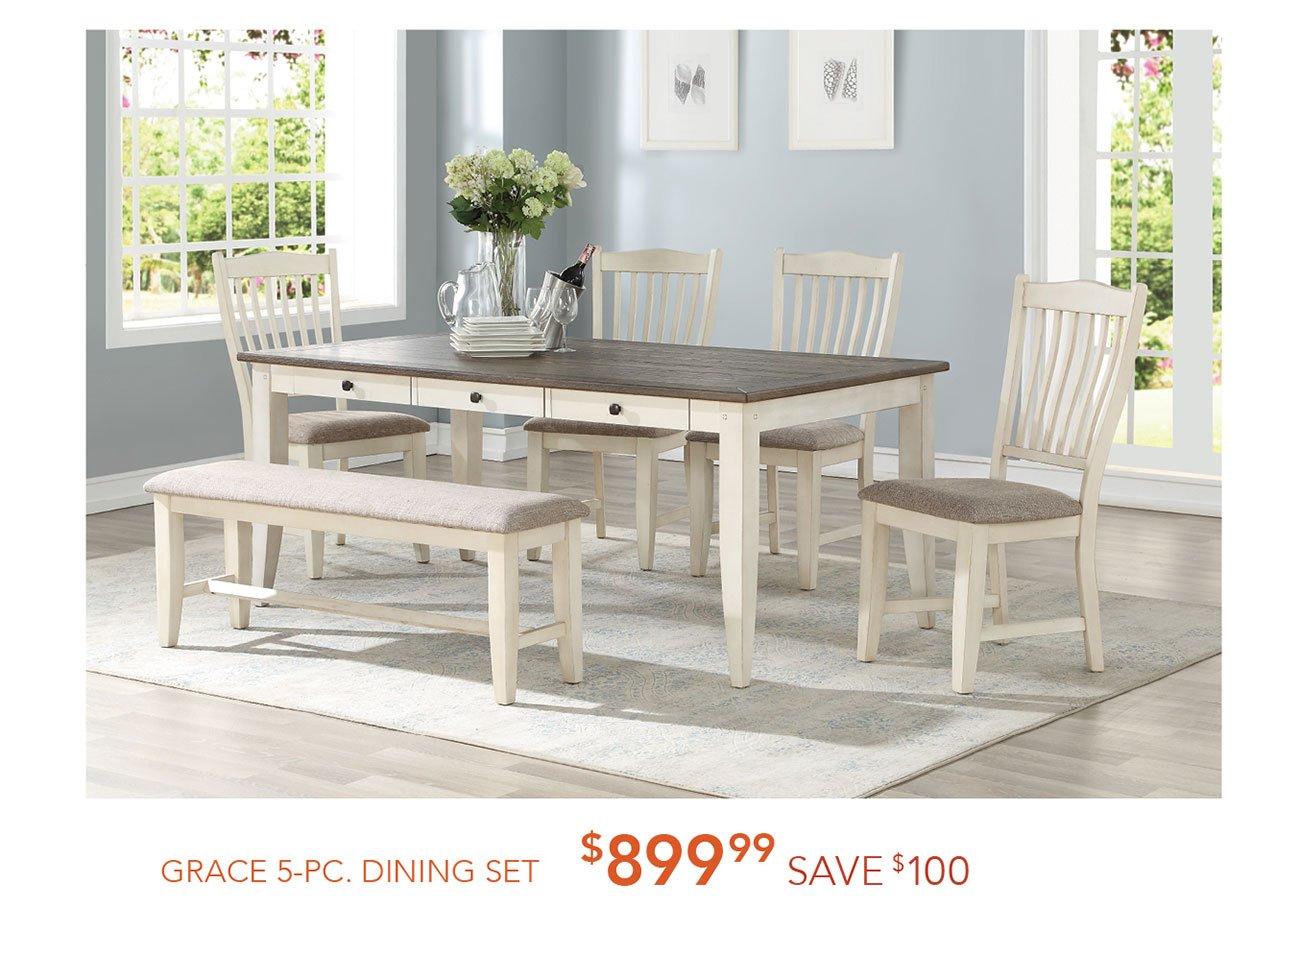 Grace-5-pc-dining-set